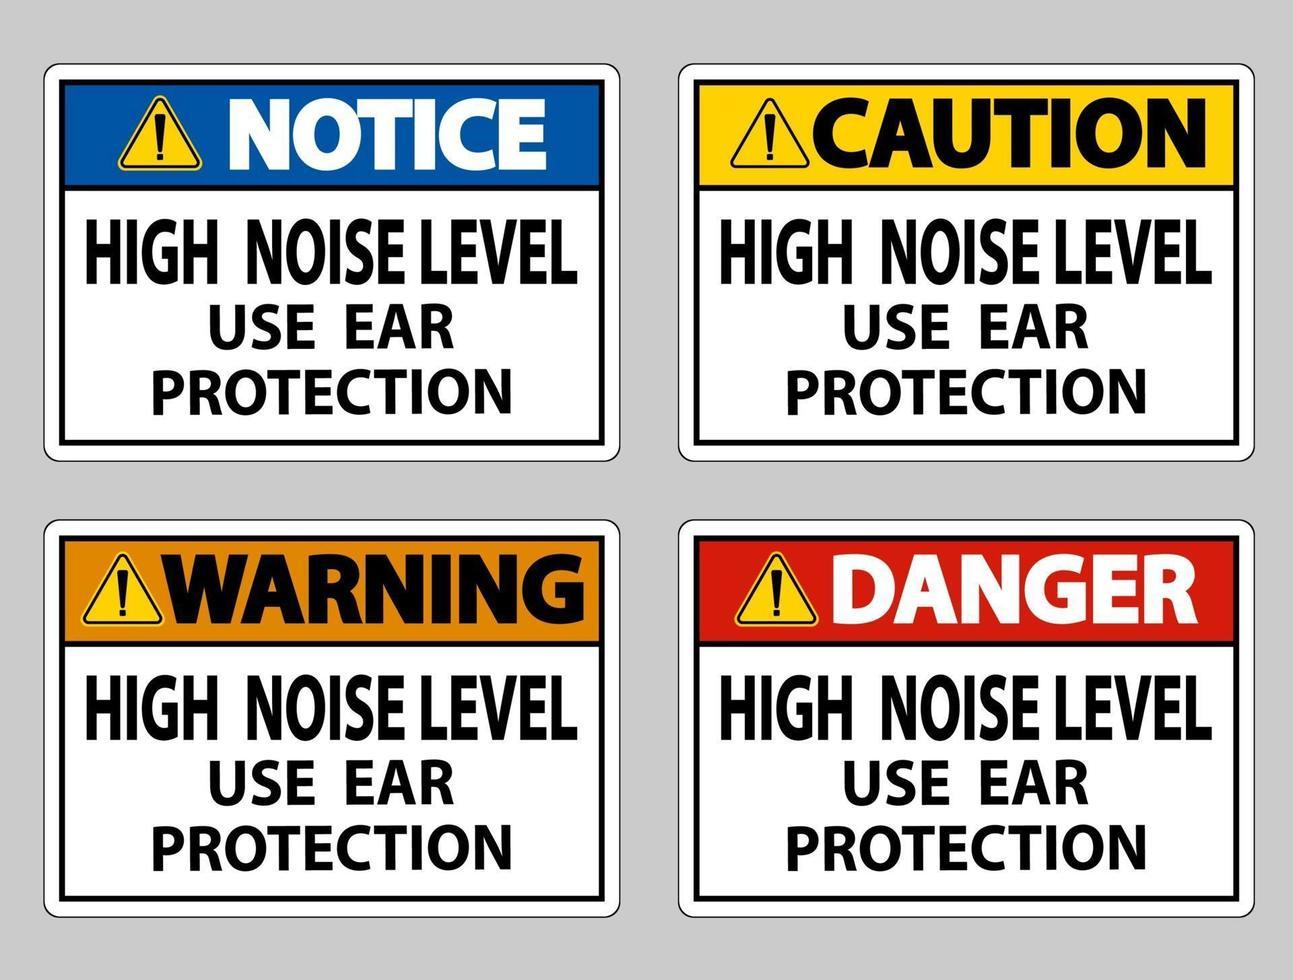 alto nível de ruído use conjunto de sinalização de proteção auditiva vetor